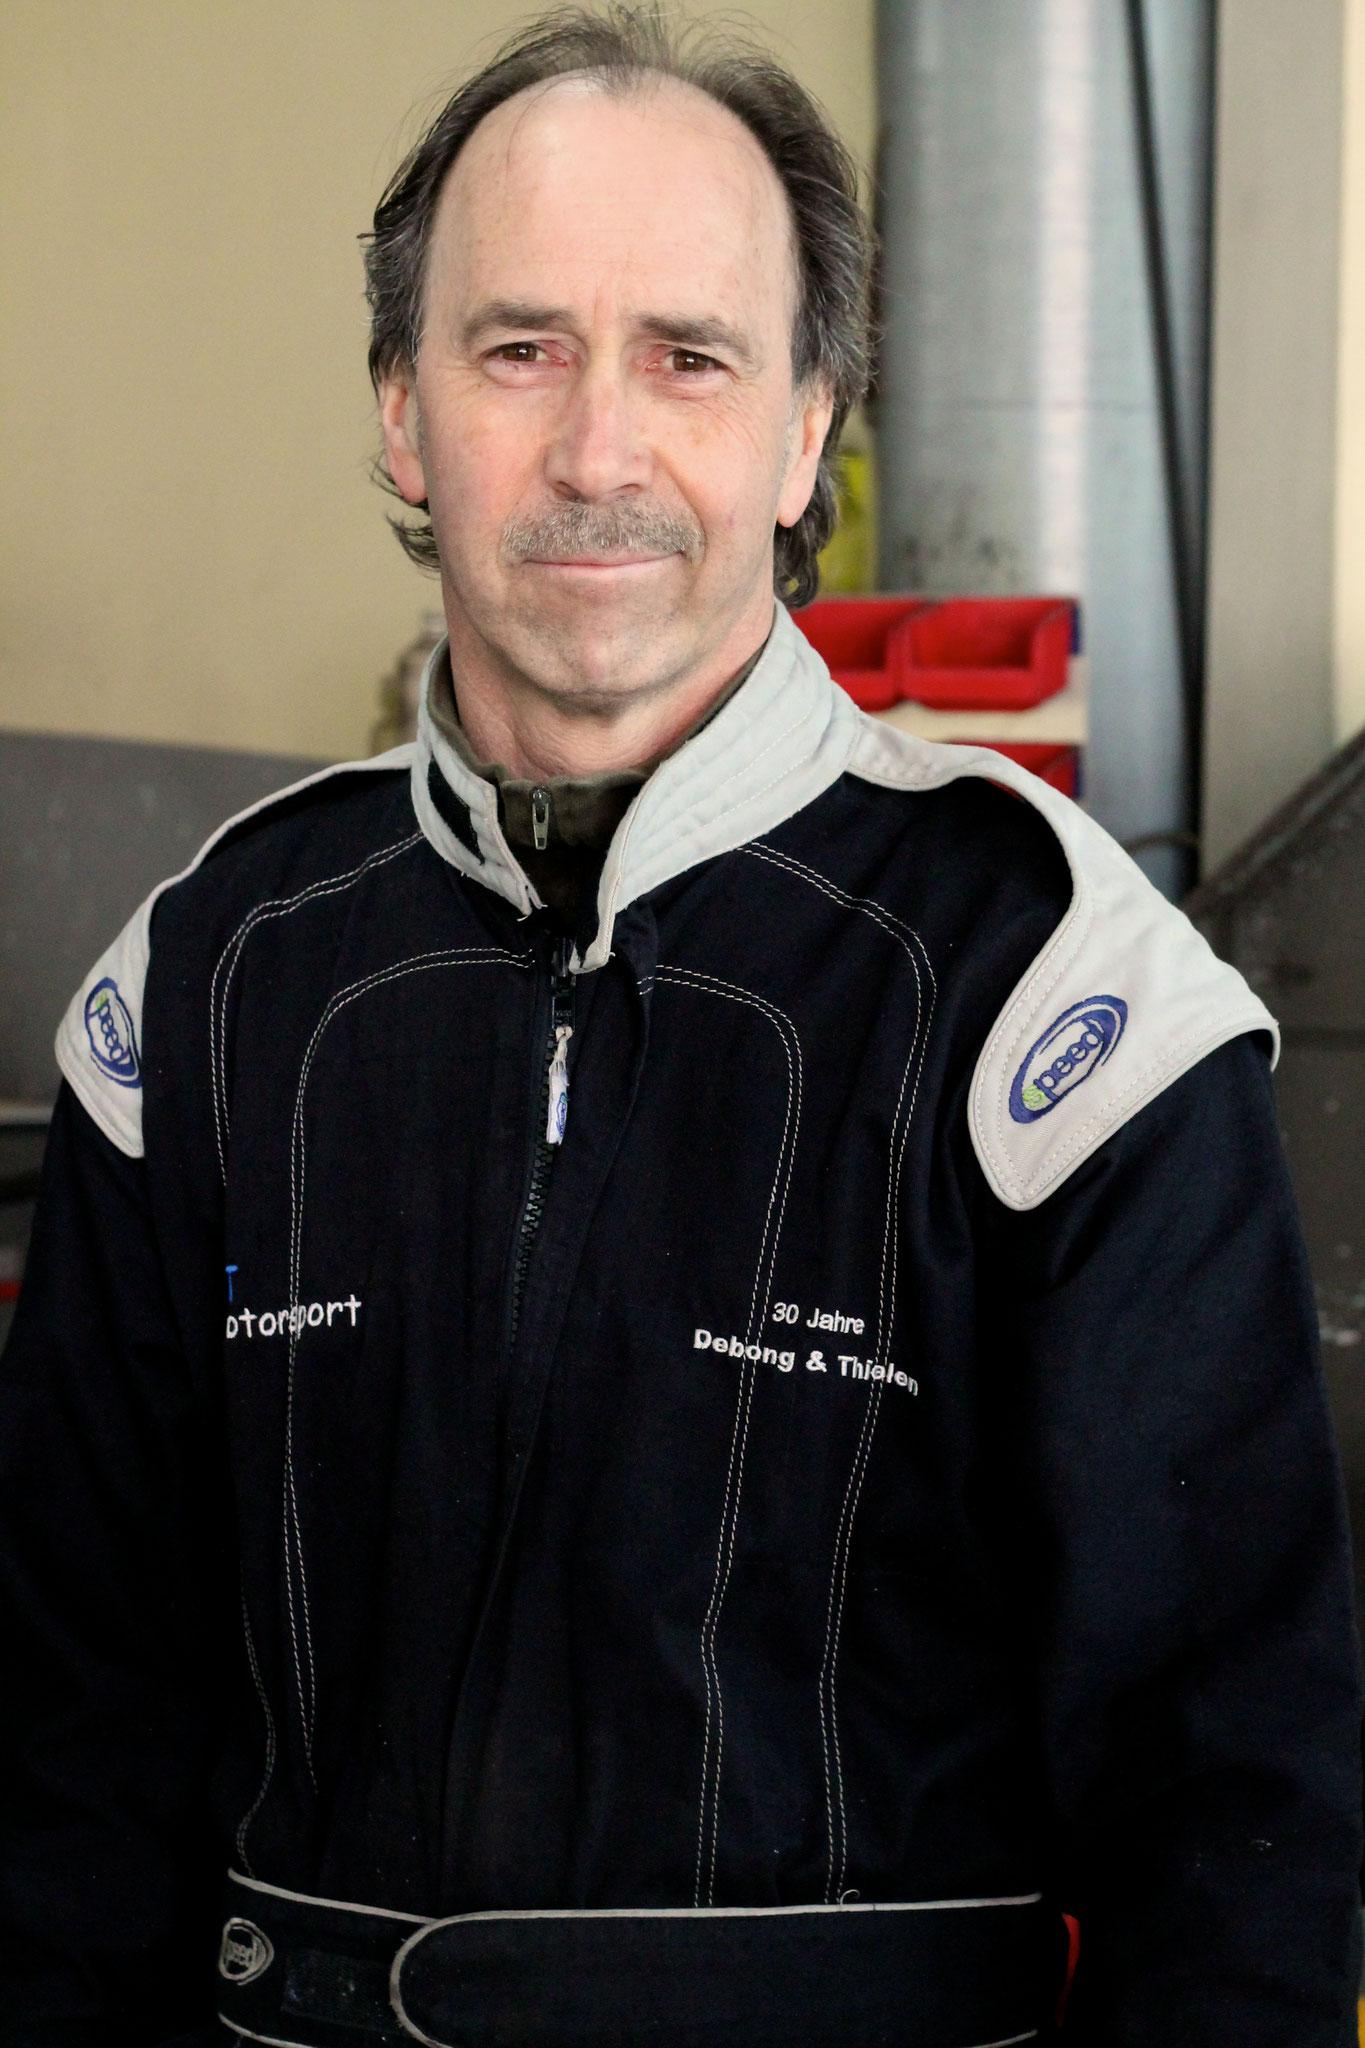 Inhaber Dietmar Thielen